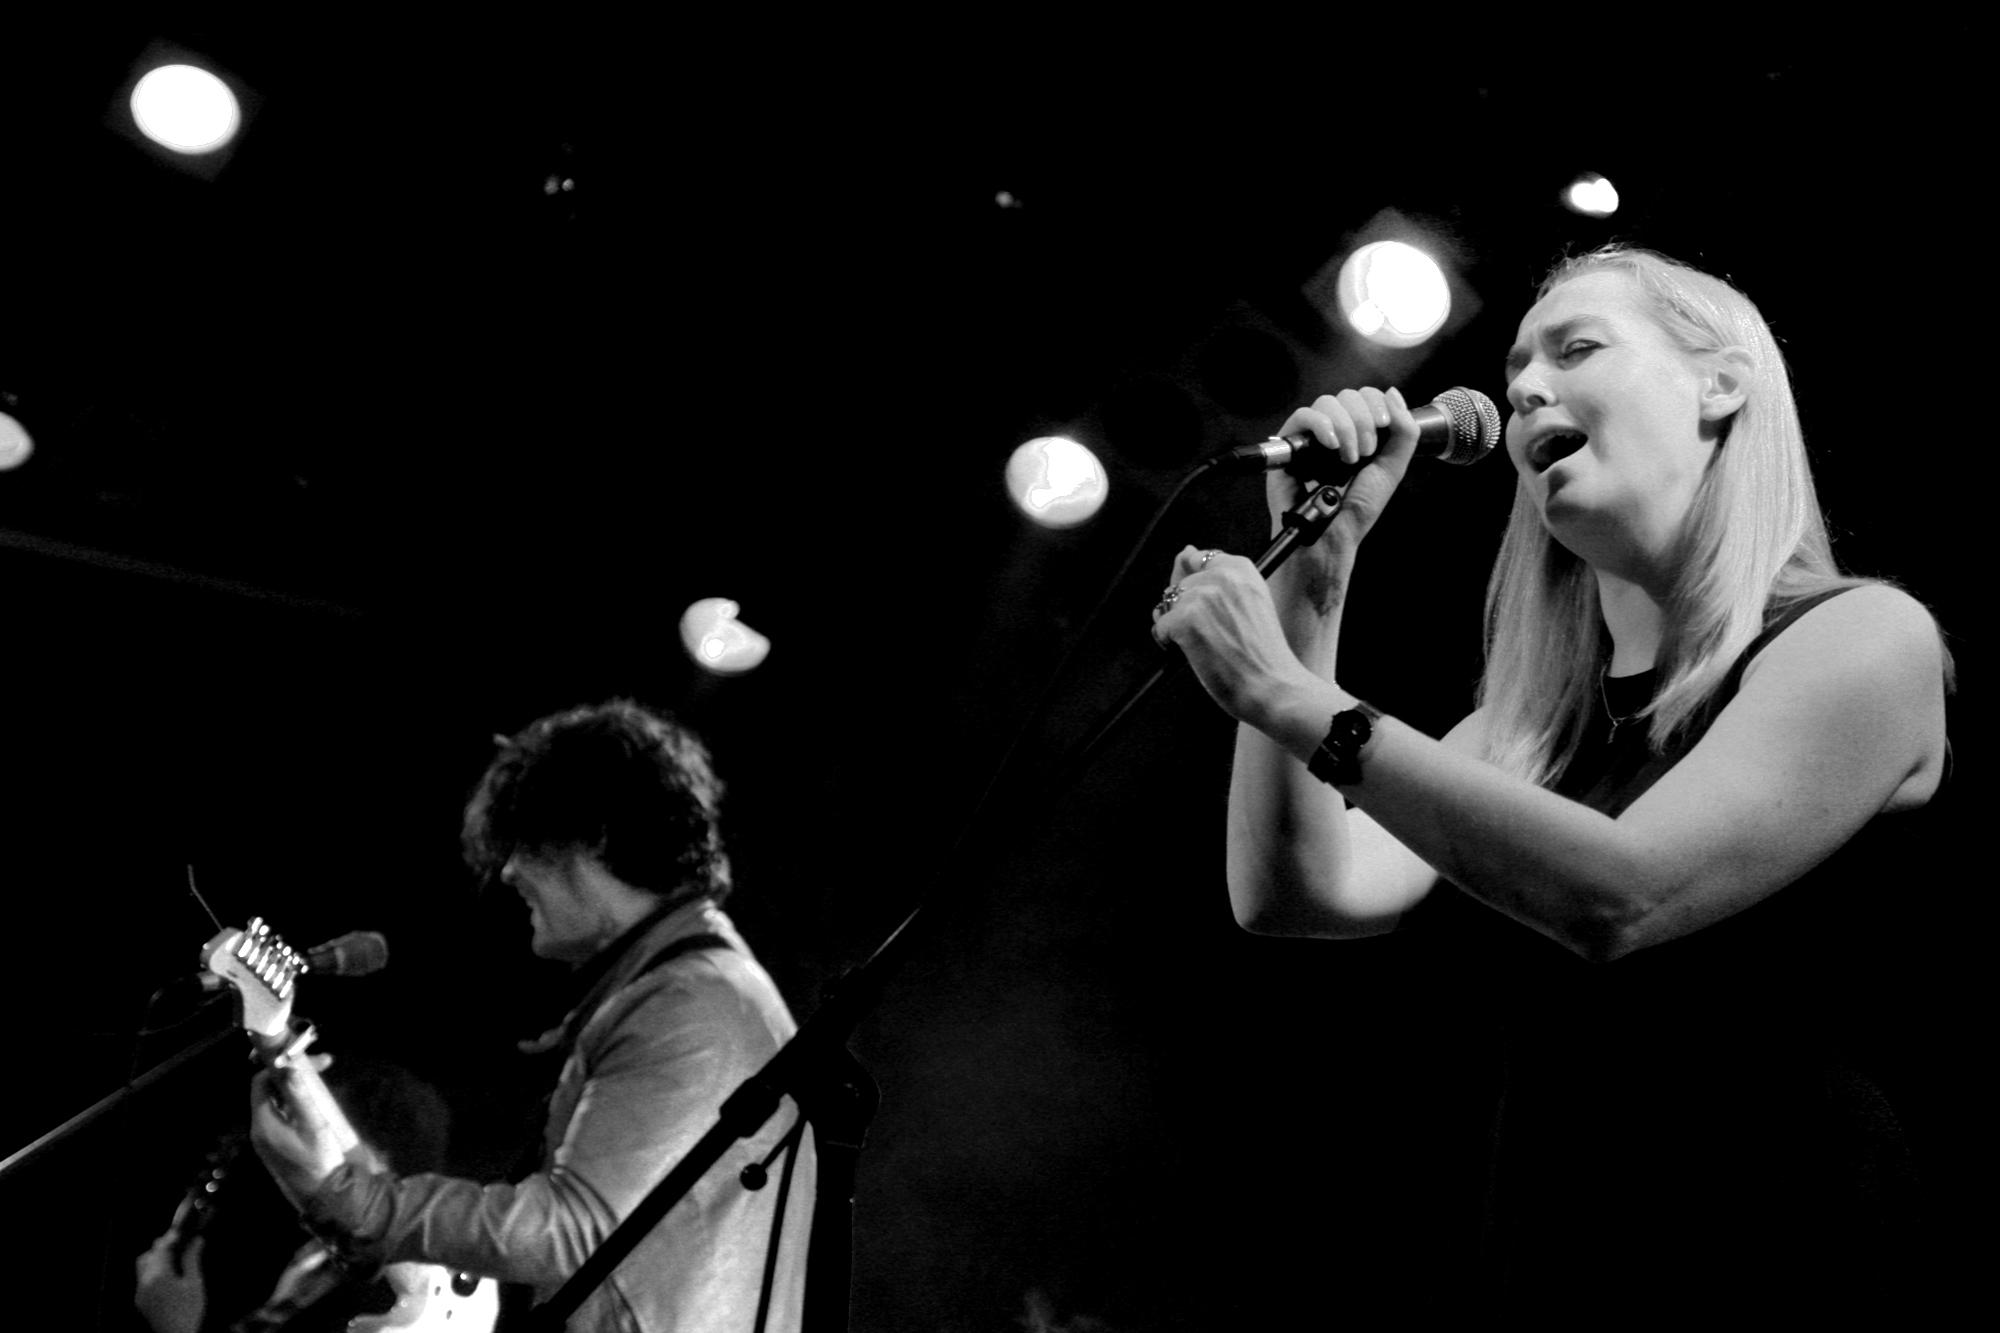 Anathema live, 05.11.2013, Berlin, K17